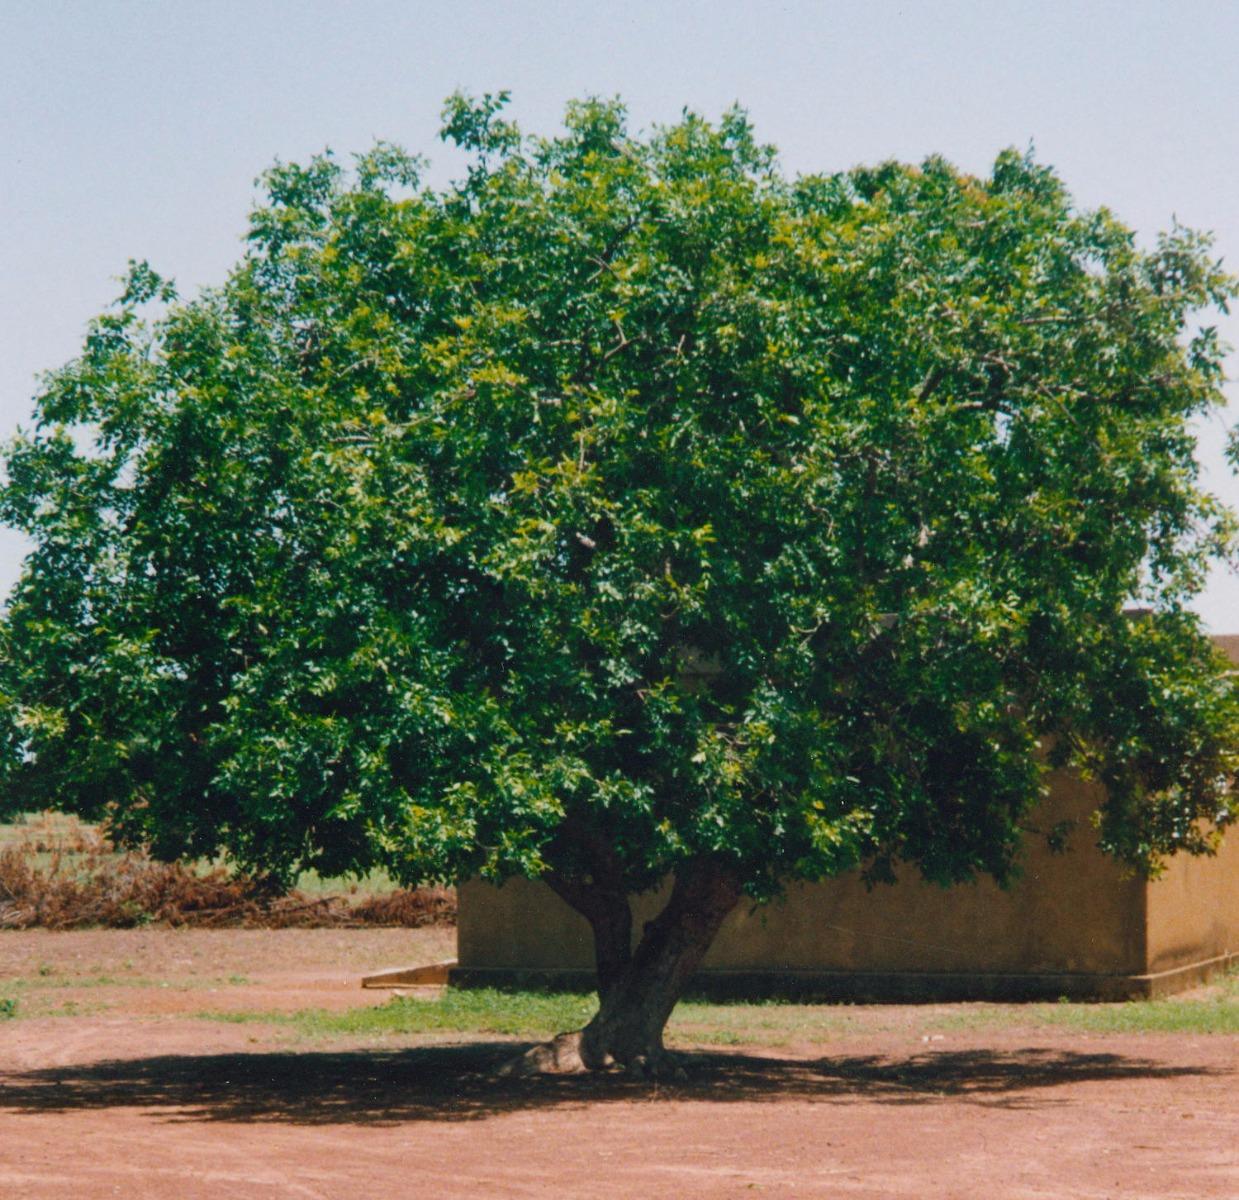 L'arbre à karité